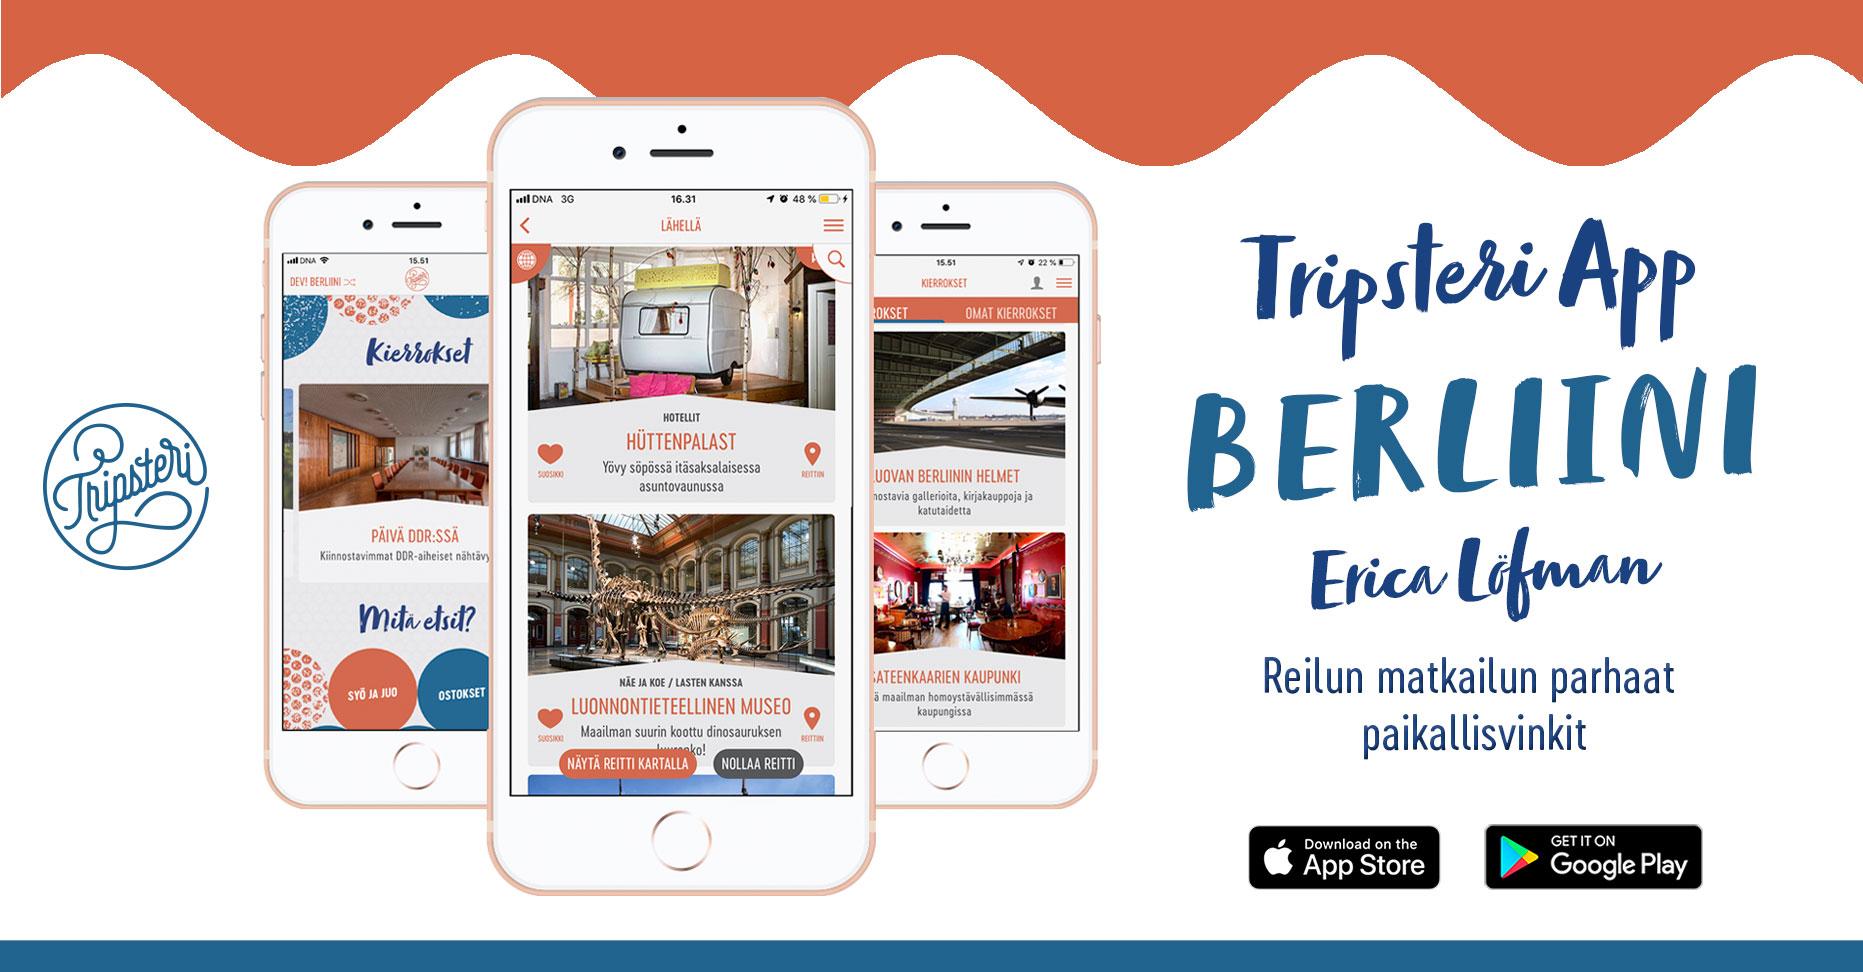 Tripsteri App -Berliini banneri